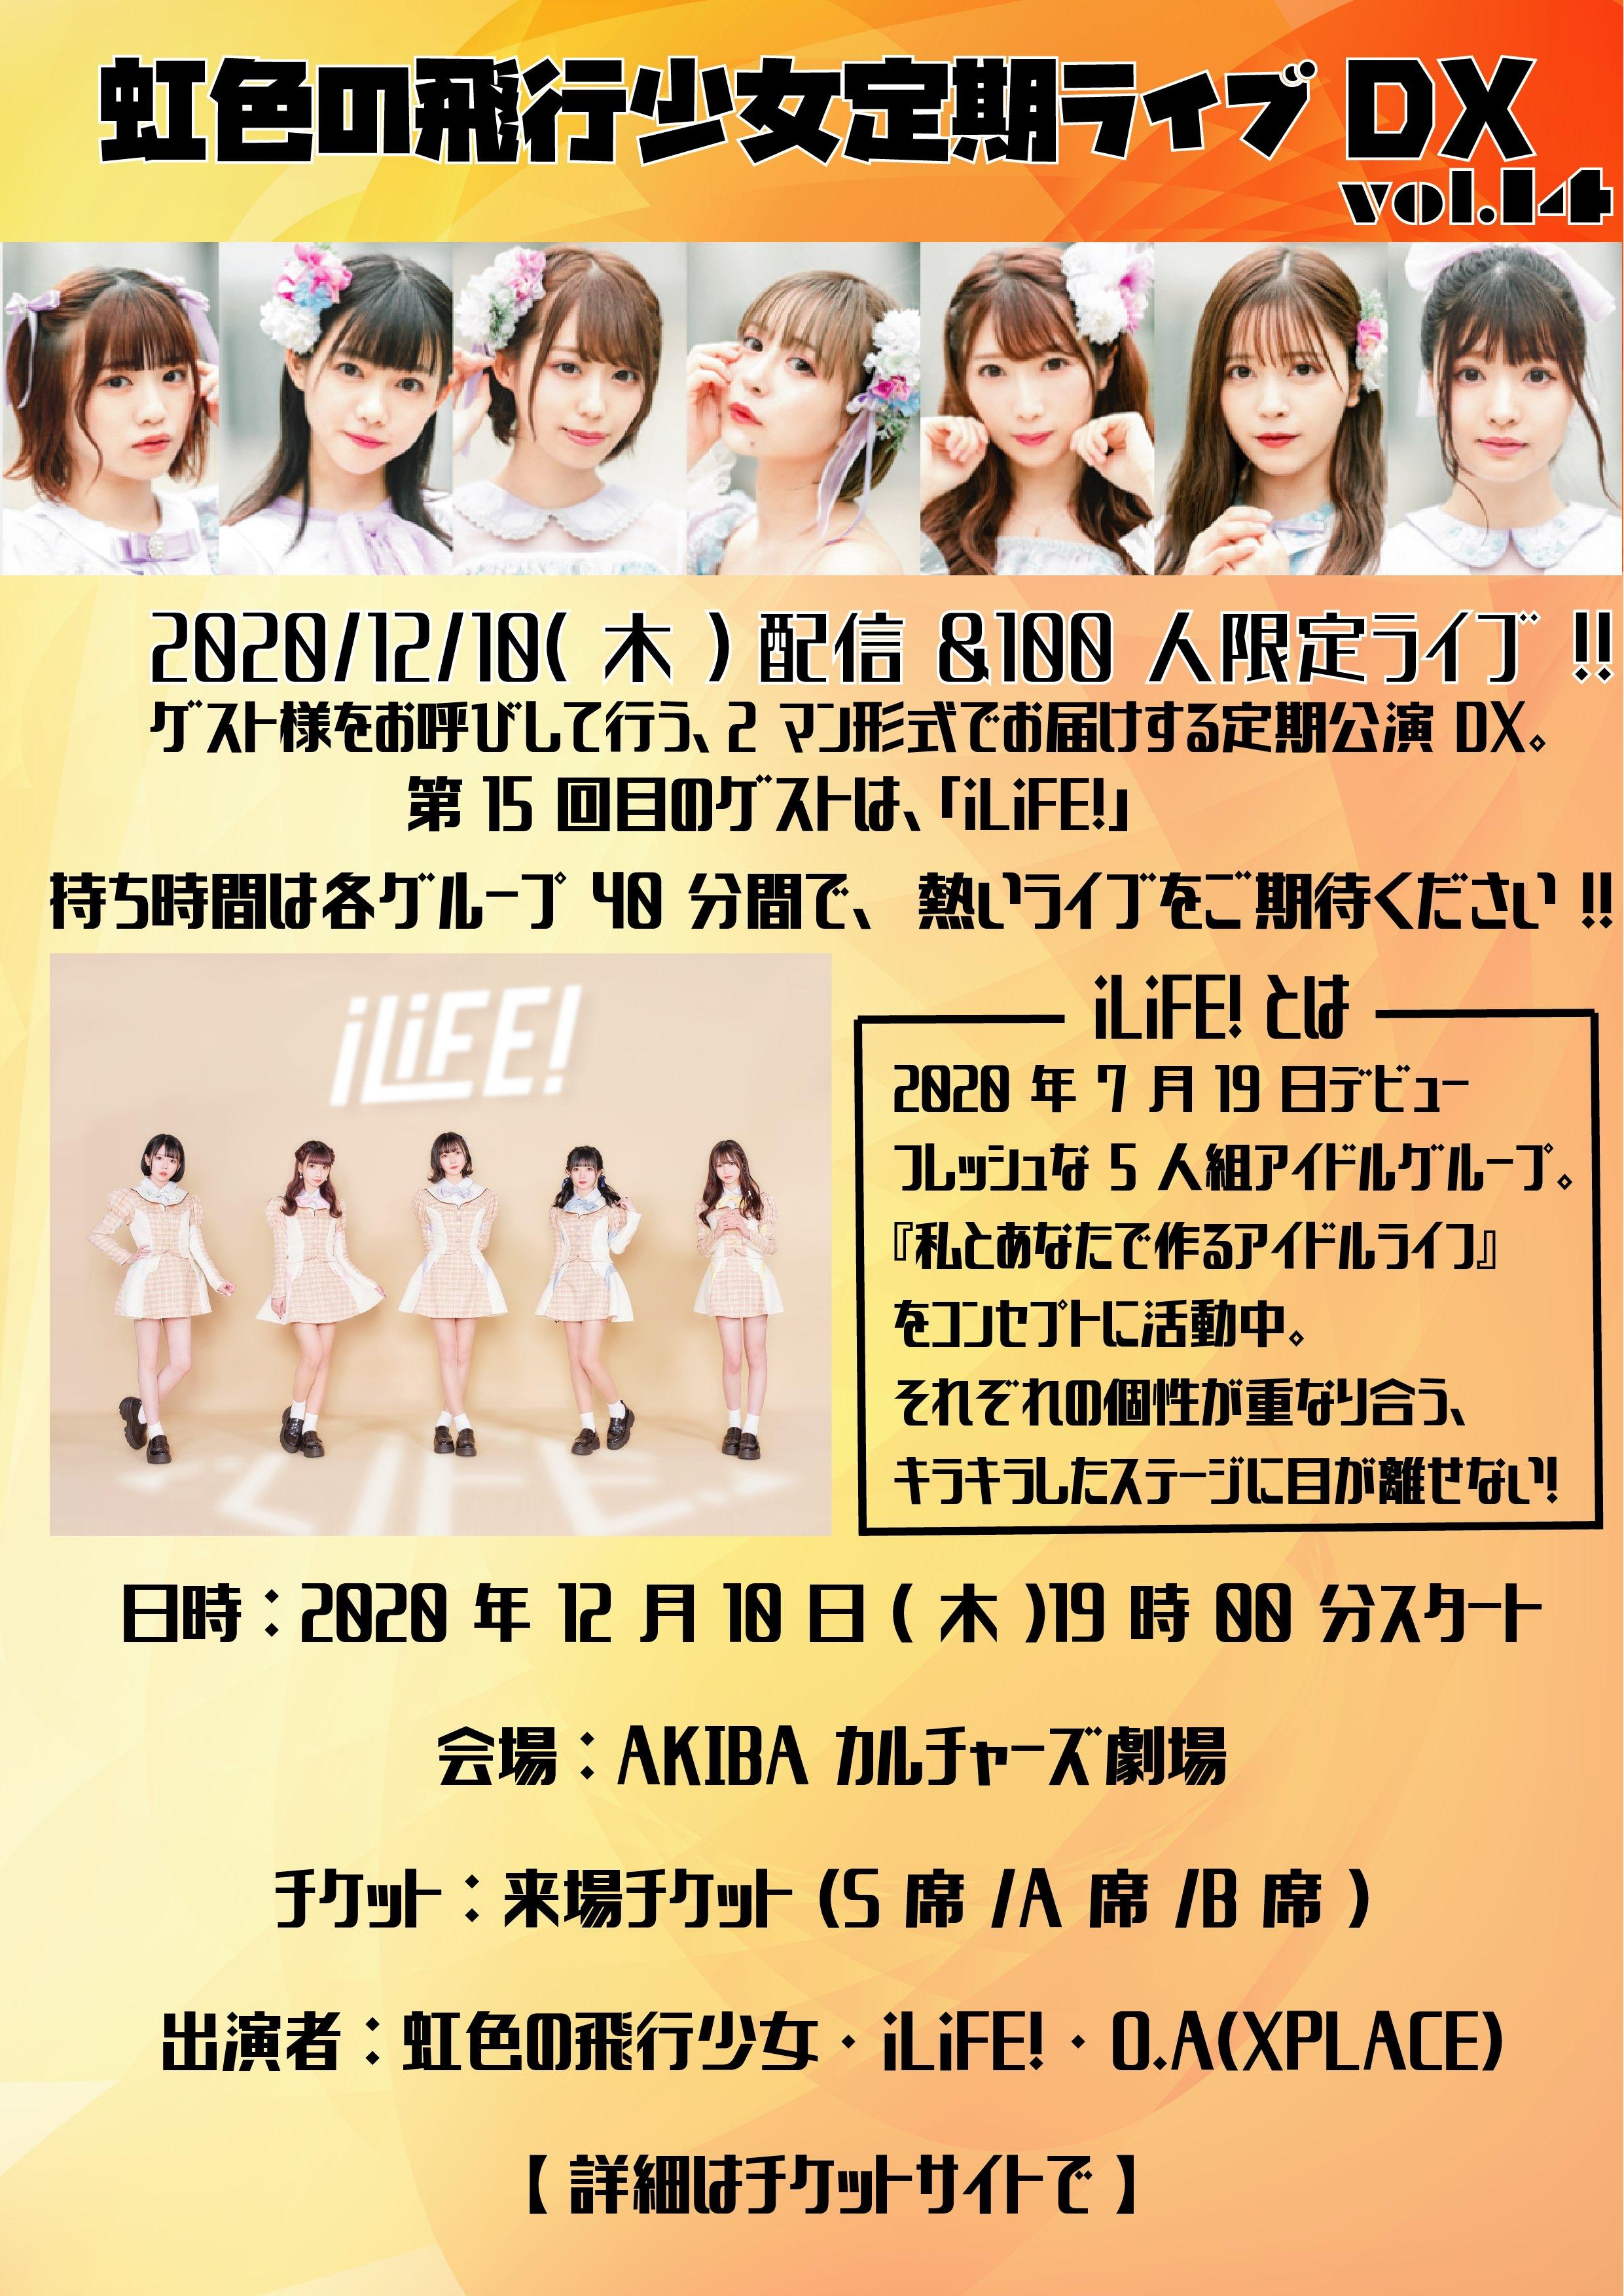 虹色の飛行少女定期ライブDX vol.15